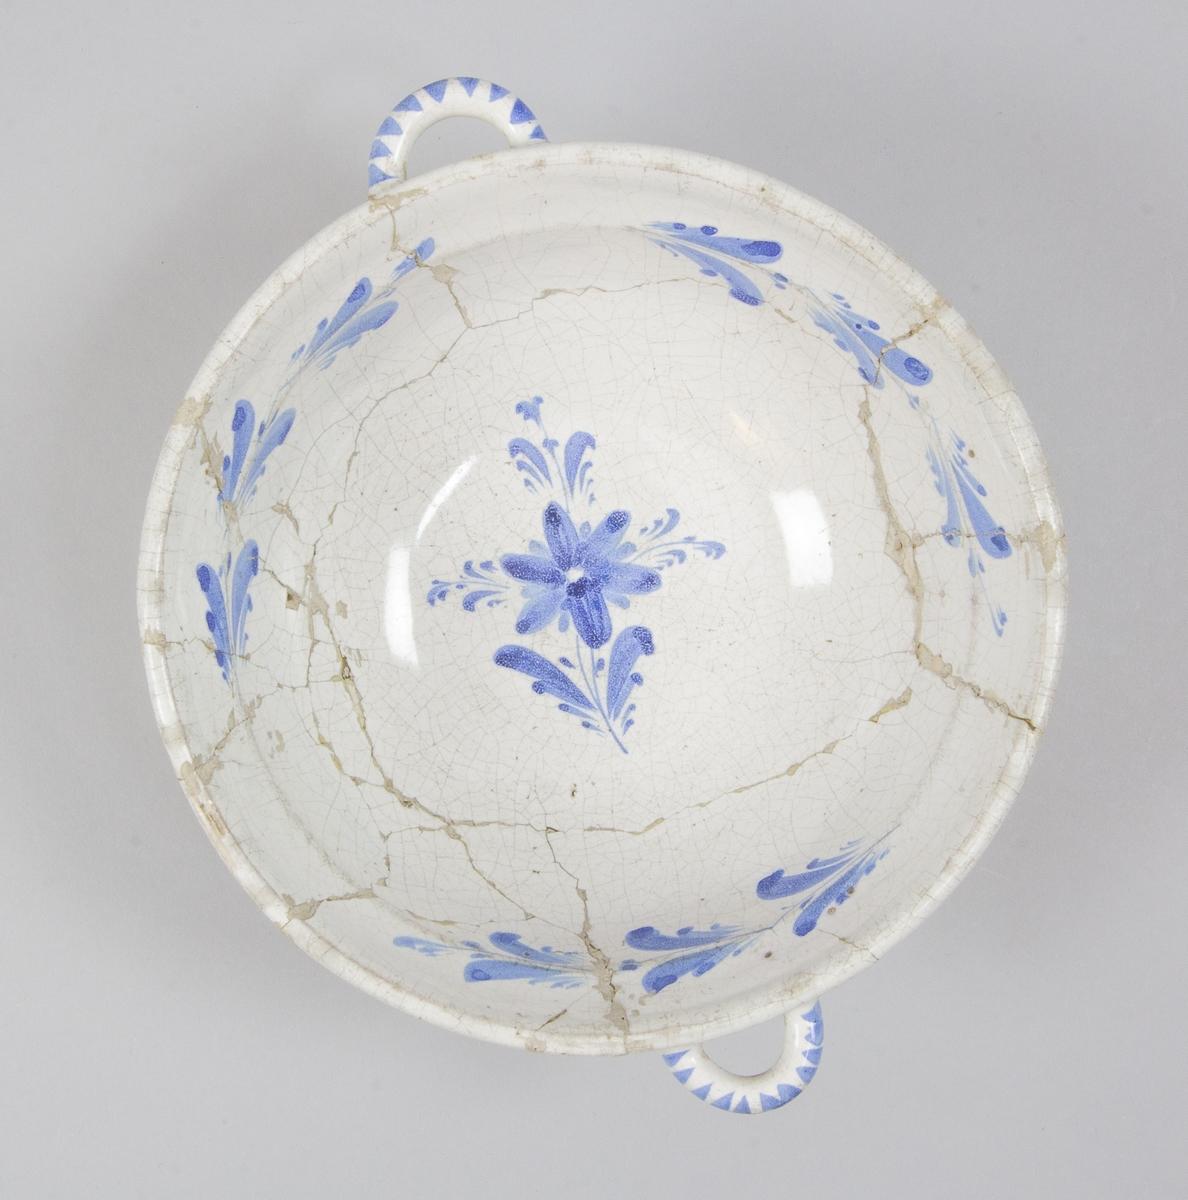 Skål av vitglaserad fajans med två horisontella öron. Invändigt målad blå dekor med en blomma med kvistar, runt mynningen en bladranka, uppdelad i tre delar. Tillverkad vid Marieberg, sannolikt under Stens period 1769-1788. Märkt med fabriken tre stiliserade kronor, MB samt målarsignatur CB.